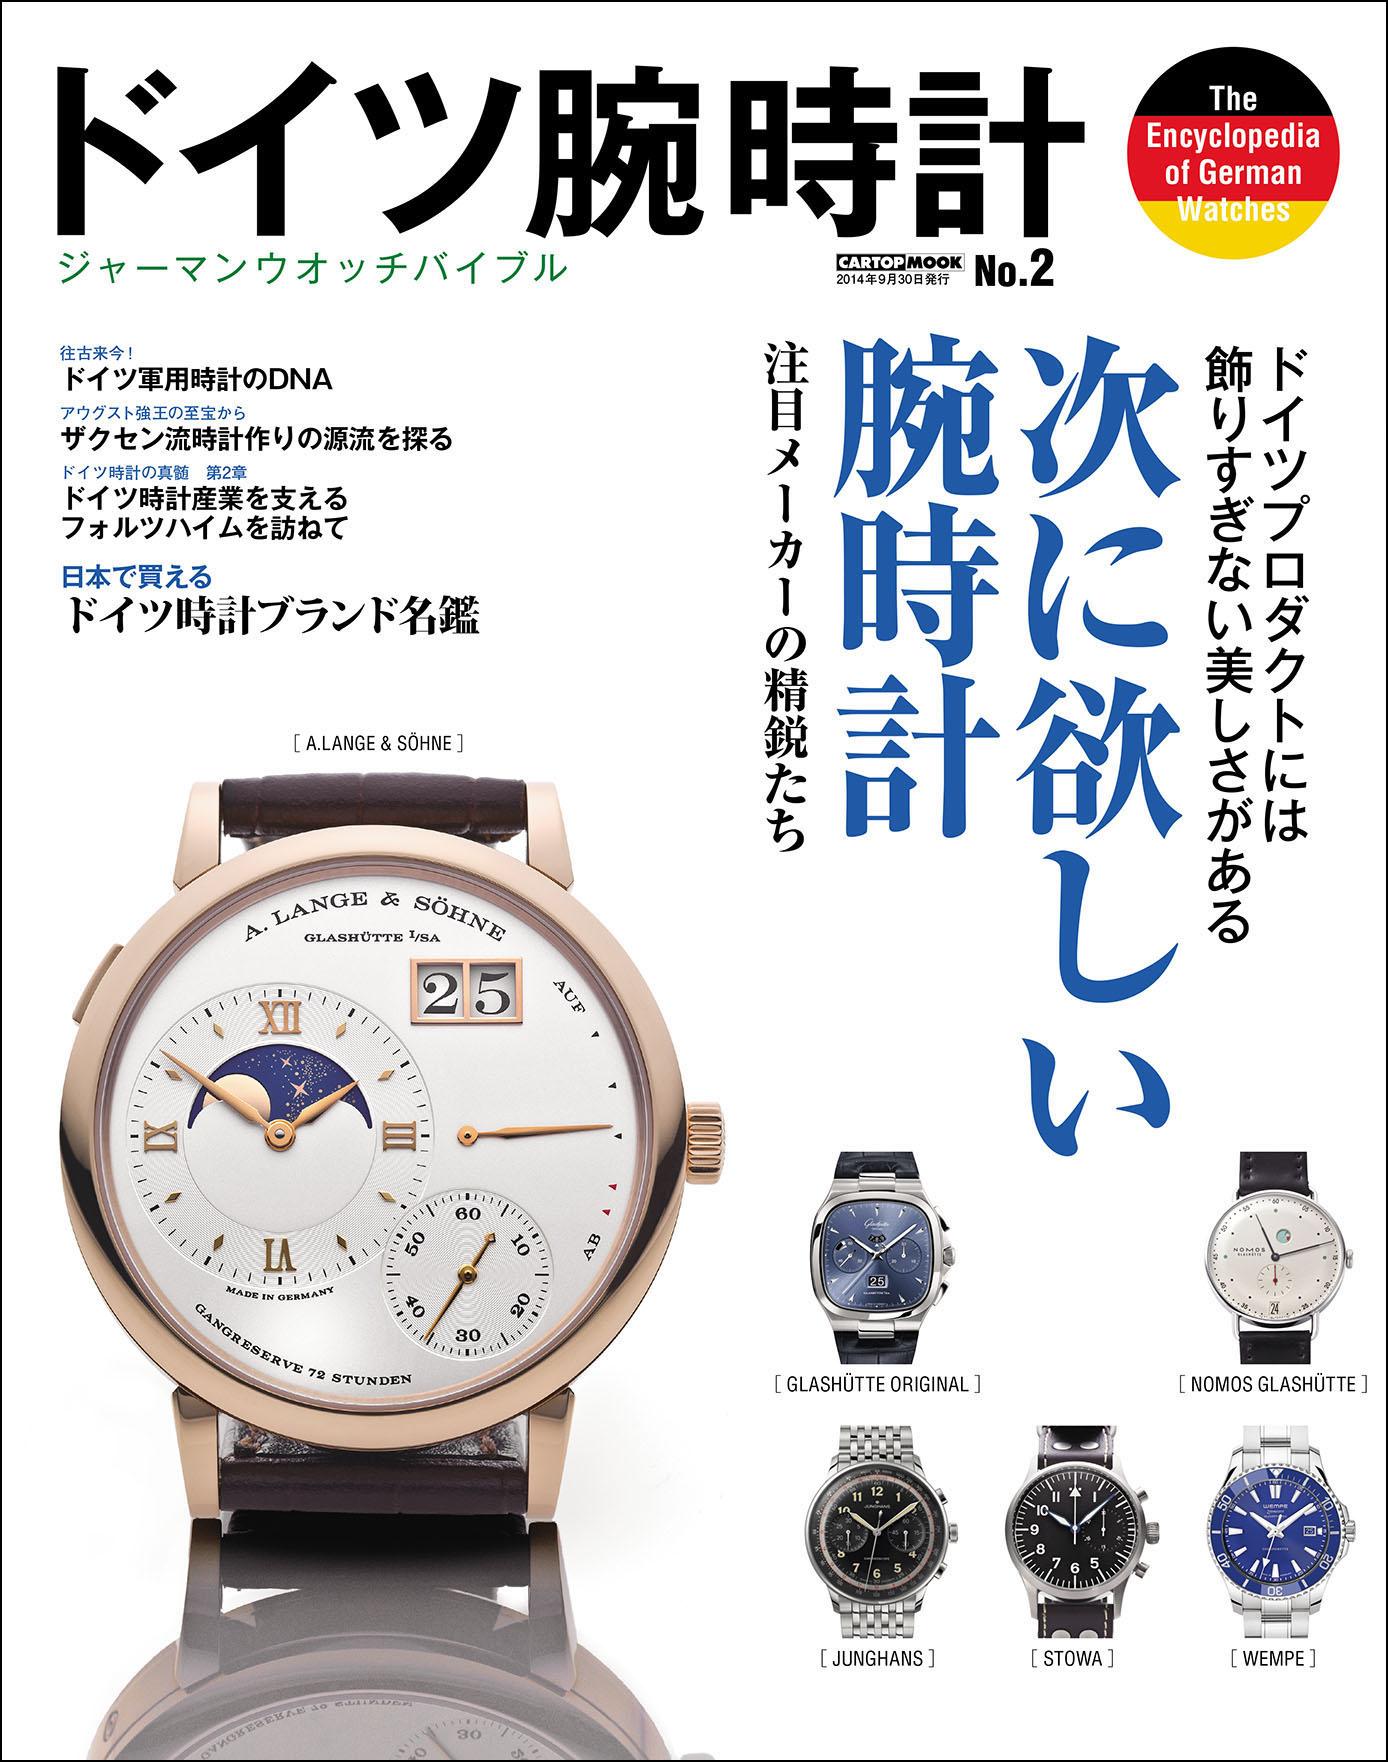 ドイツ腕時計 No.2